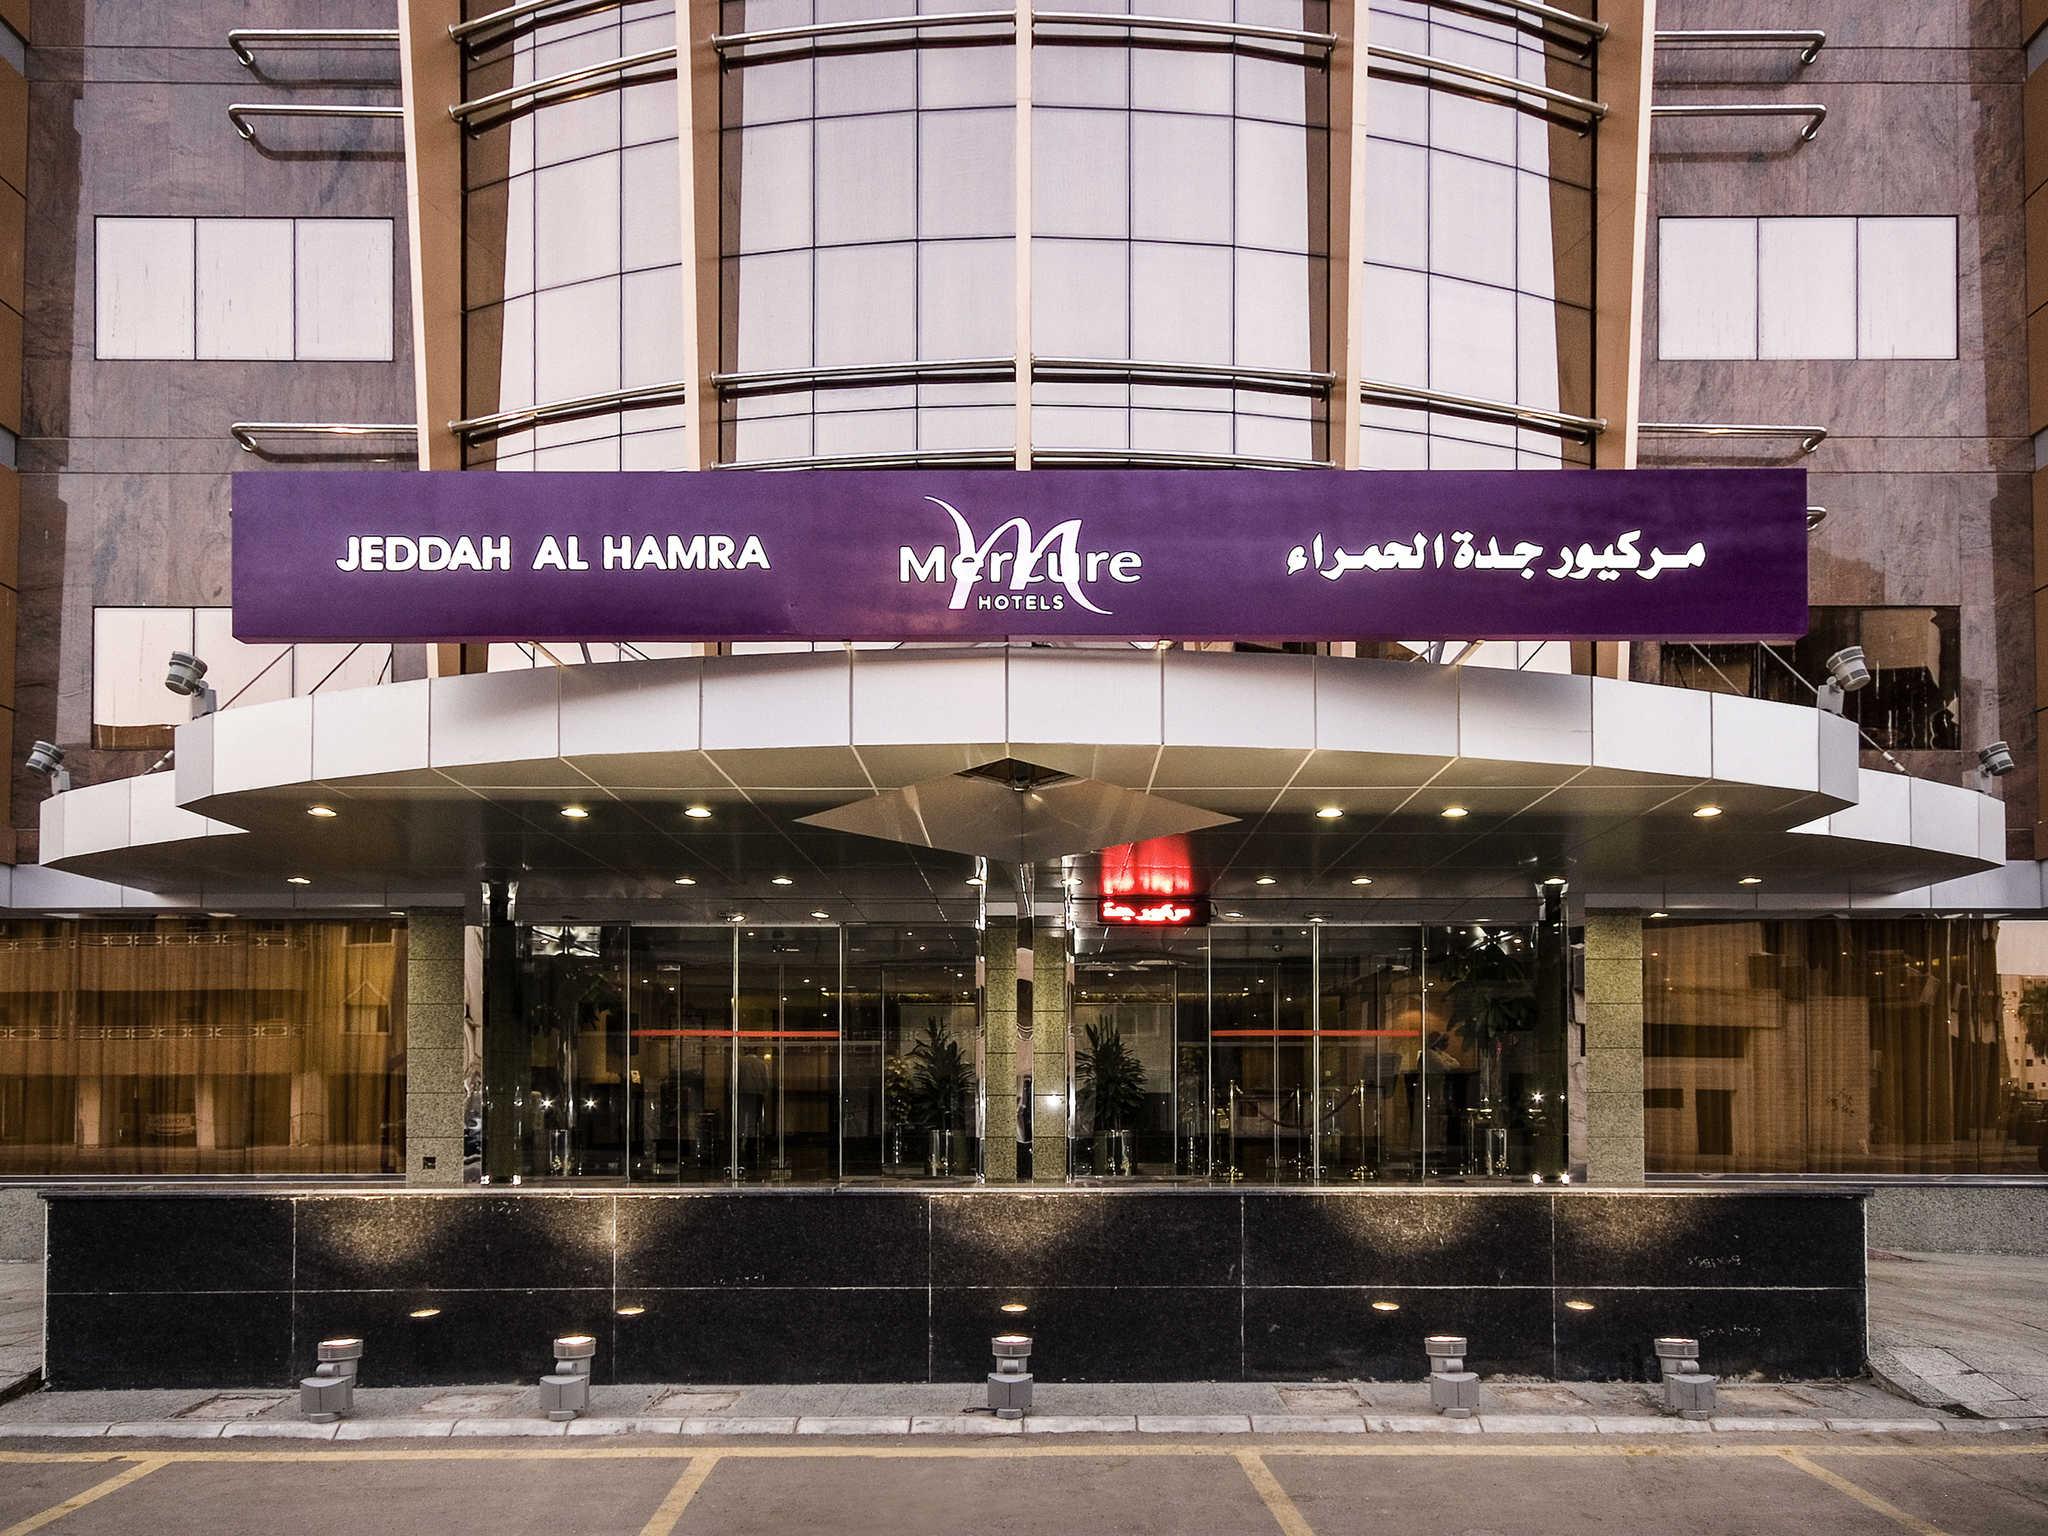 酒店 – 吉达阿尔哈姆拉美居酒店